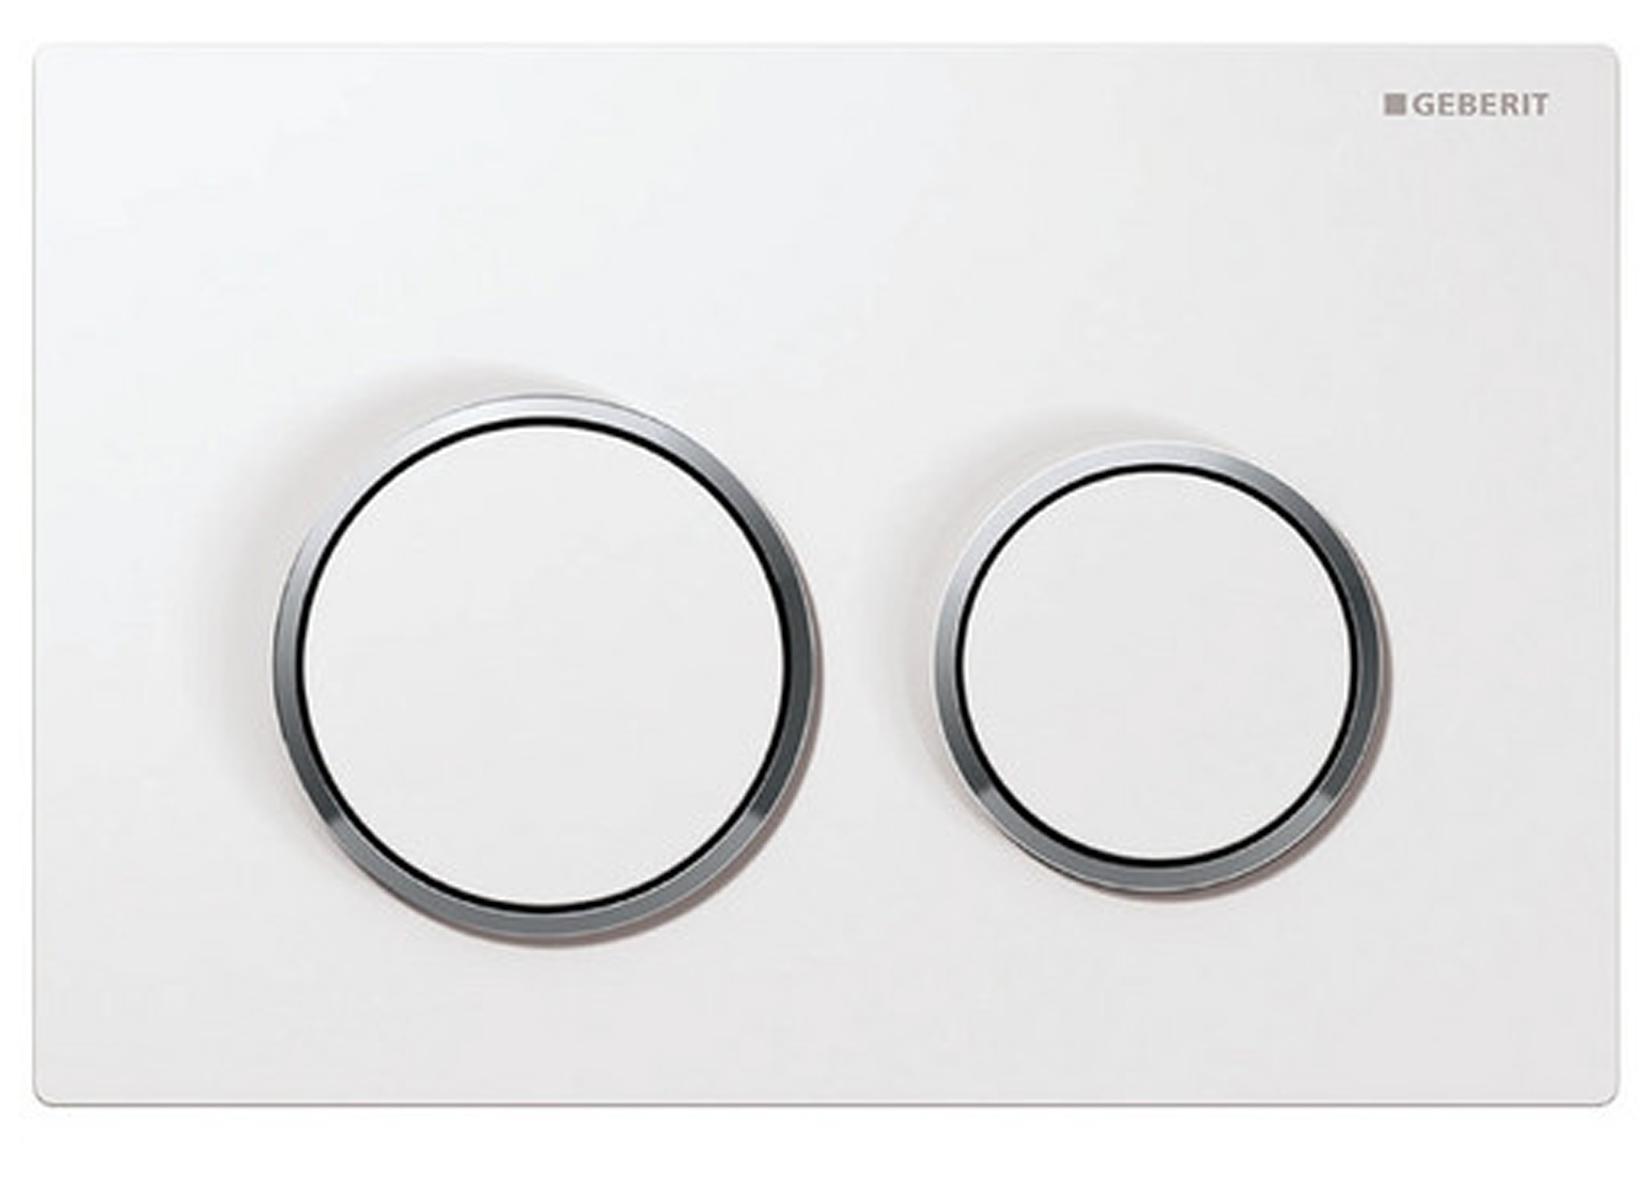 geberit bet tigungsplatte omega20 wei chrom f r 2 mengen sp lung dr ckerplatte ebay. Black Bedroom Furniture Sets. Home Design Ideas